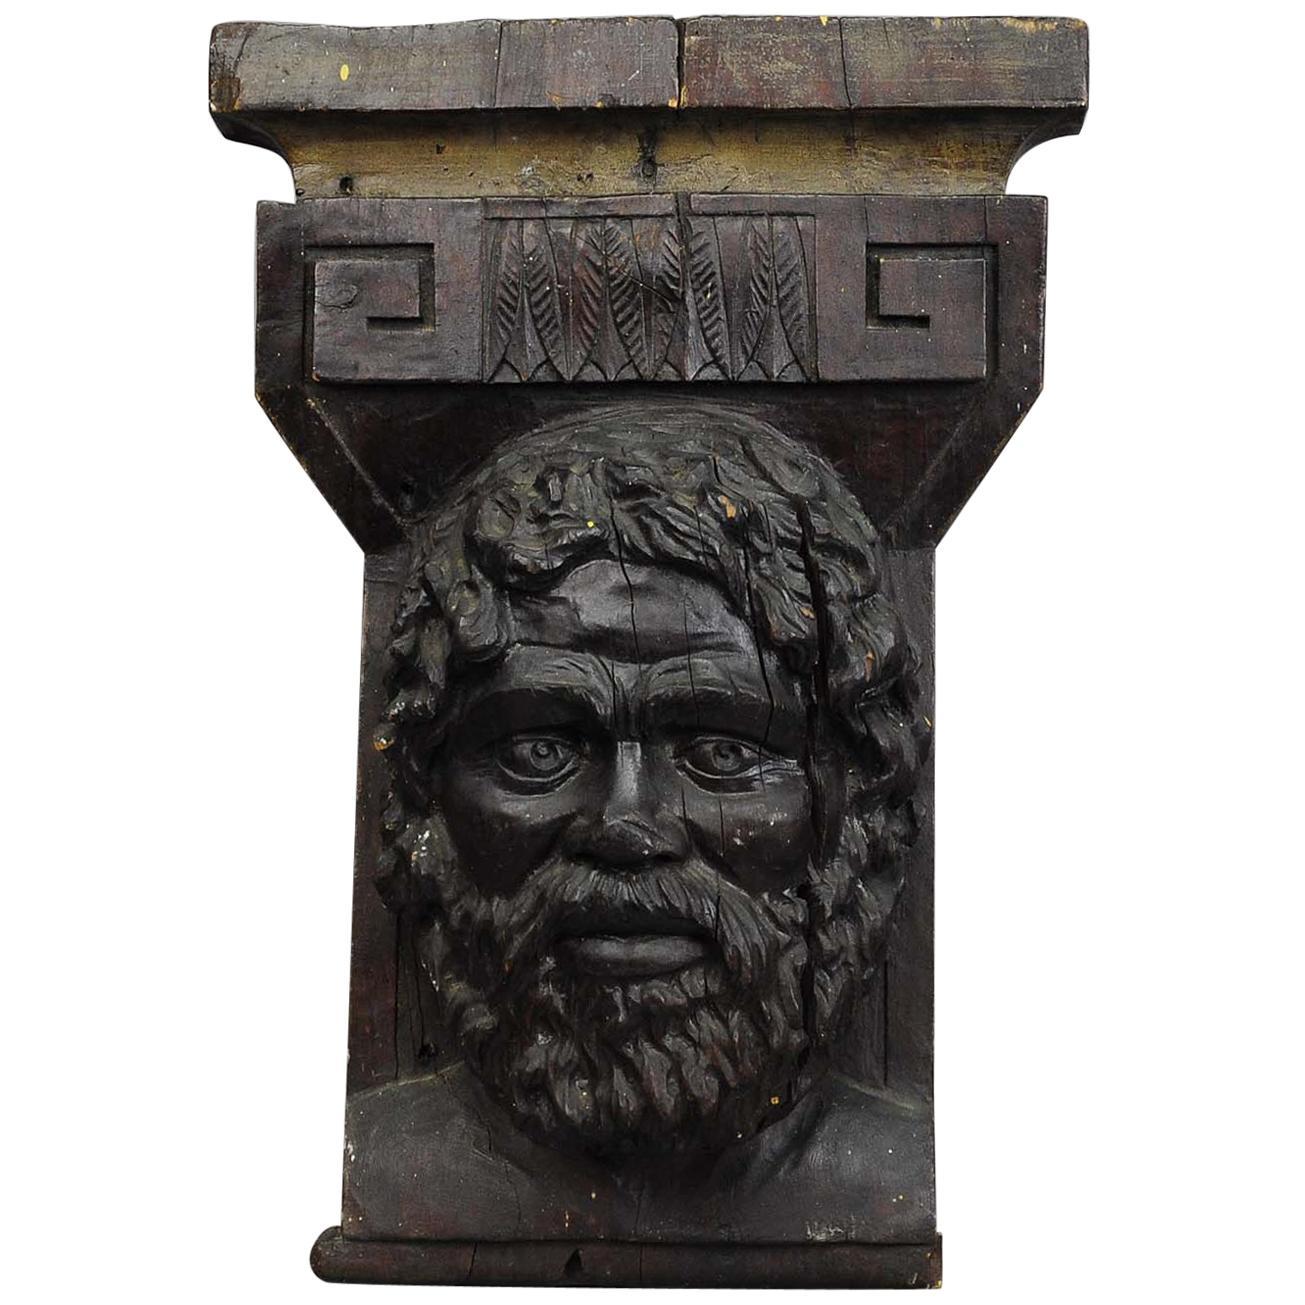 Wooden Sculpture of a Masculine Face